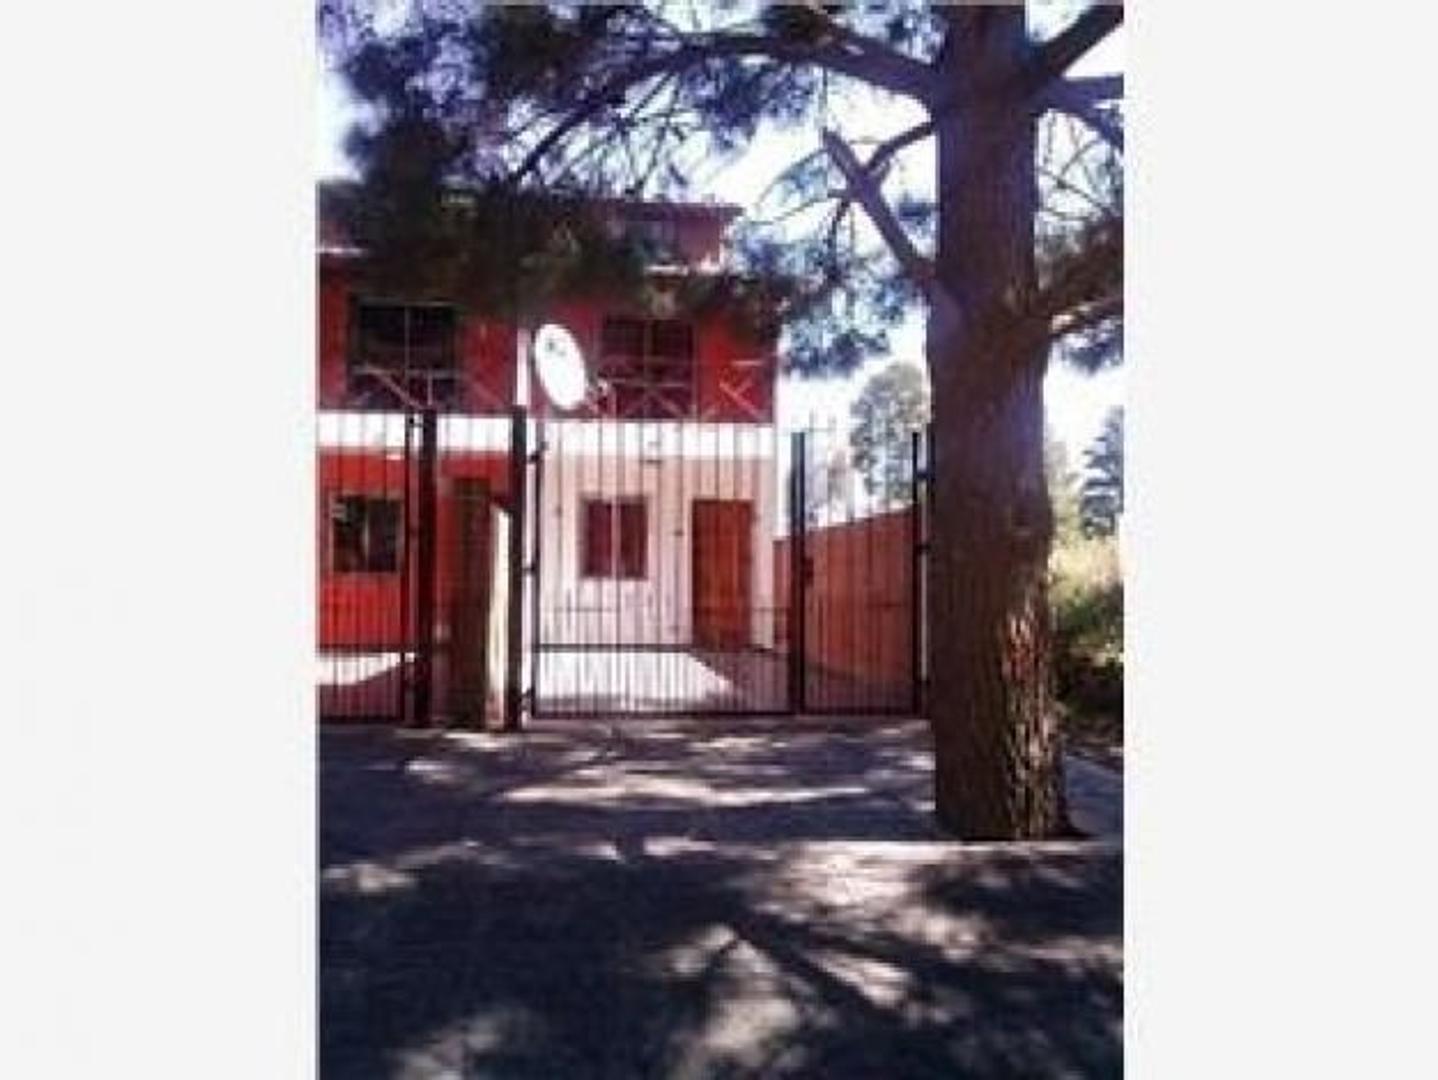 Departamento Triplex  en Venta ubicado en Villa Gesell, Costa Atlántica - EII0029_LP159011_2